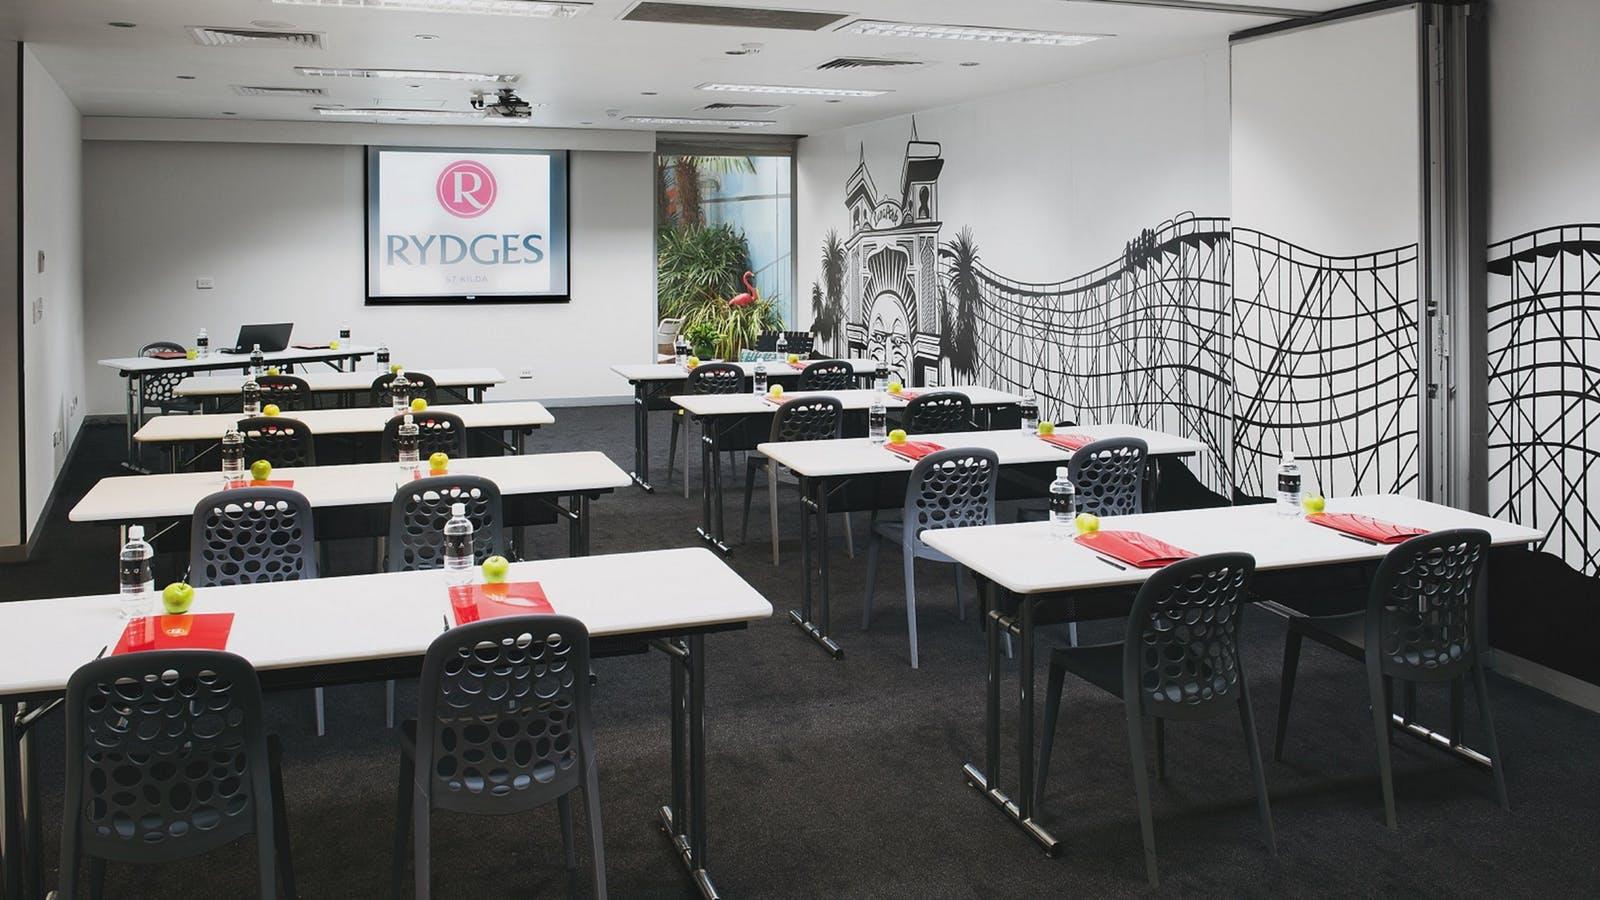 Rydges St Kilda Melbourne Conference Room